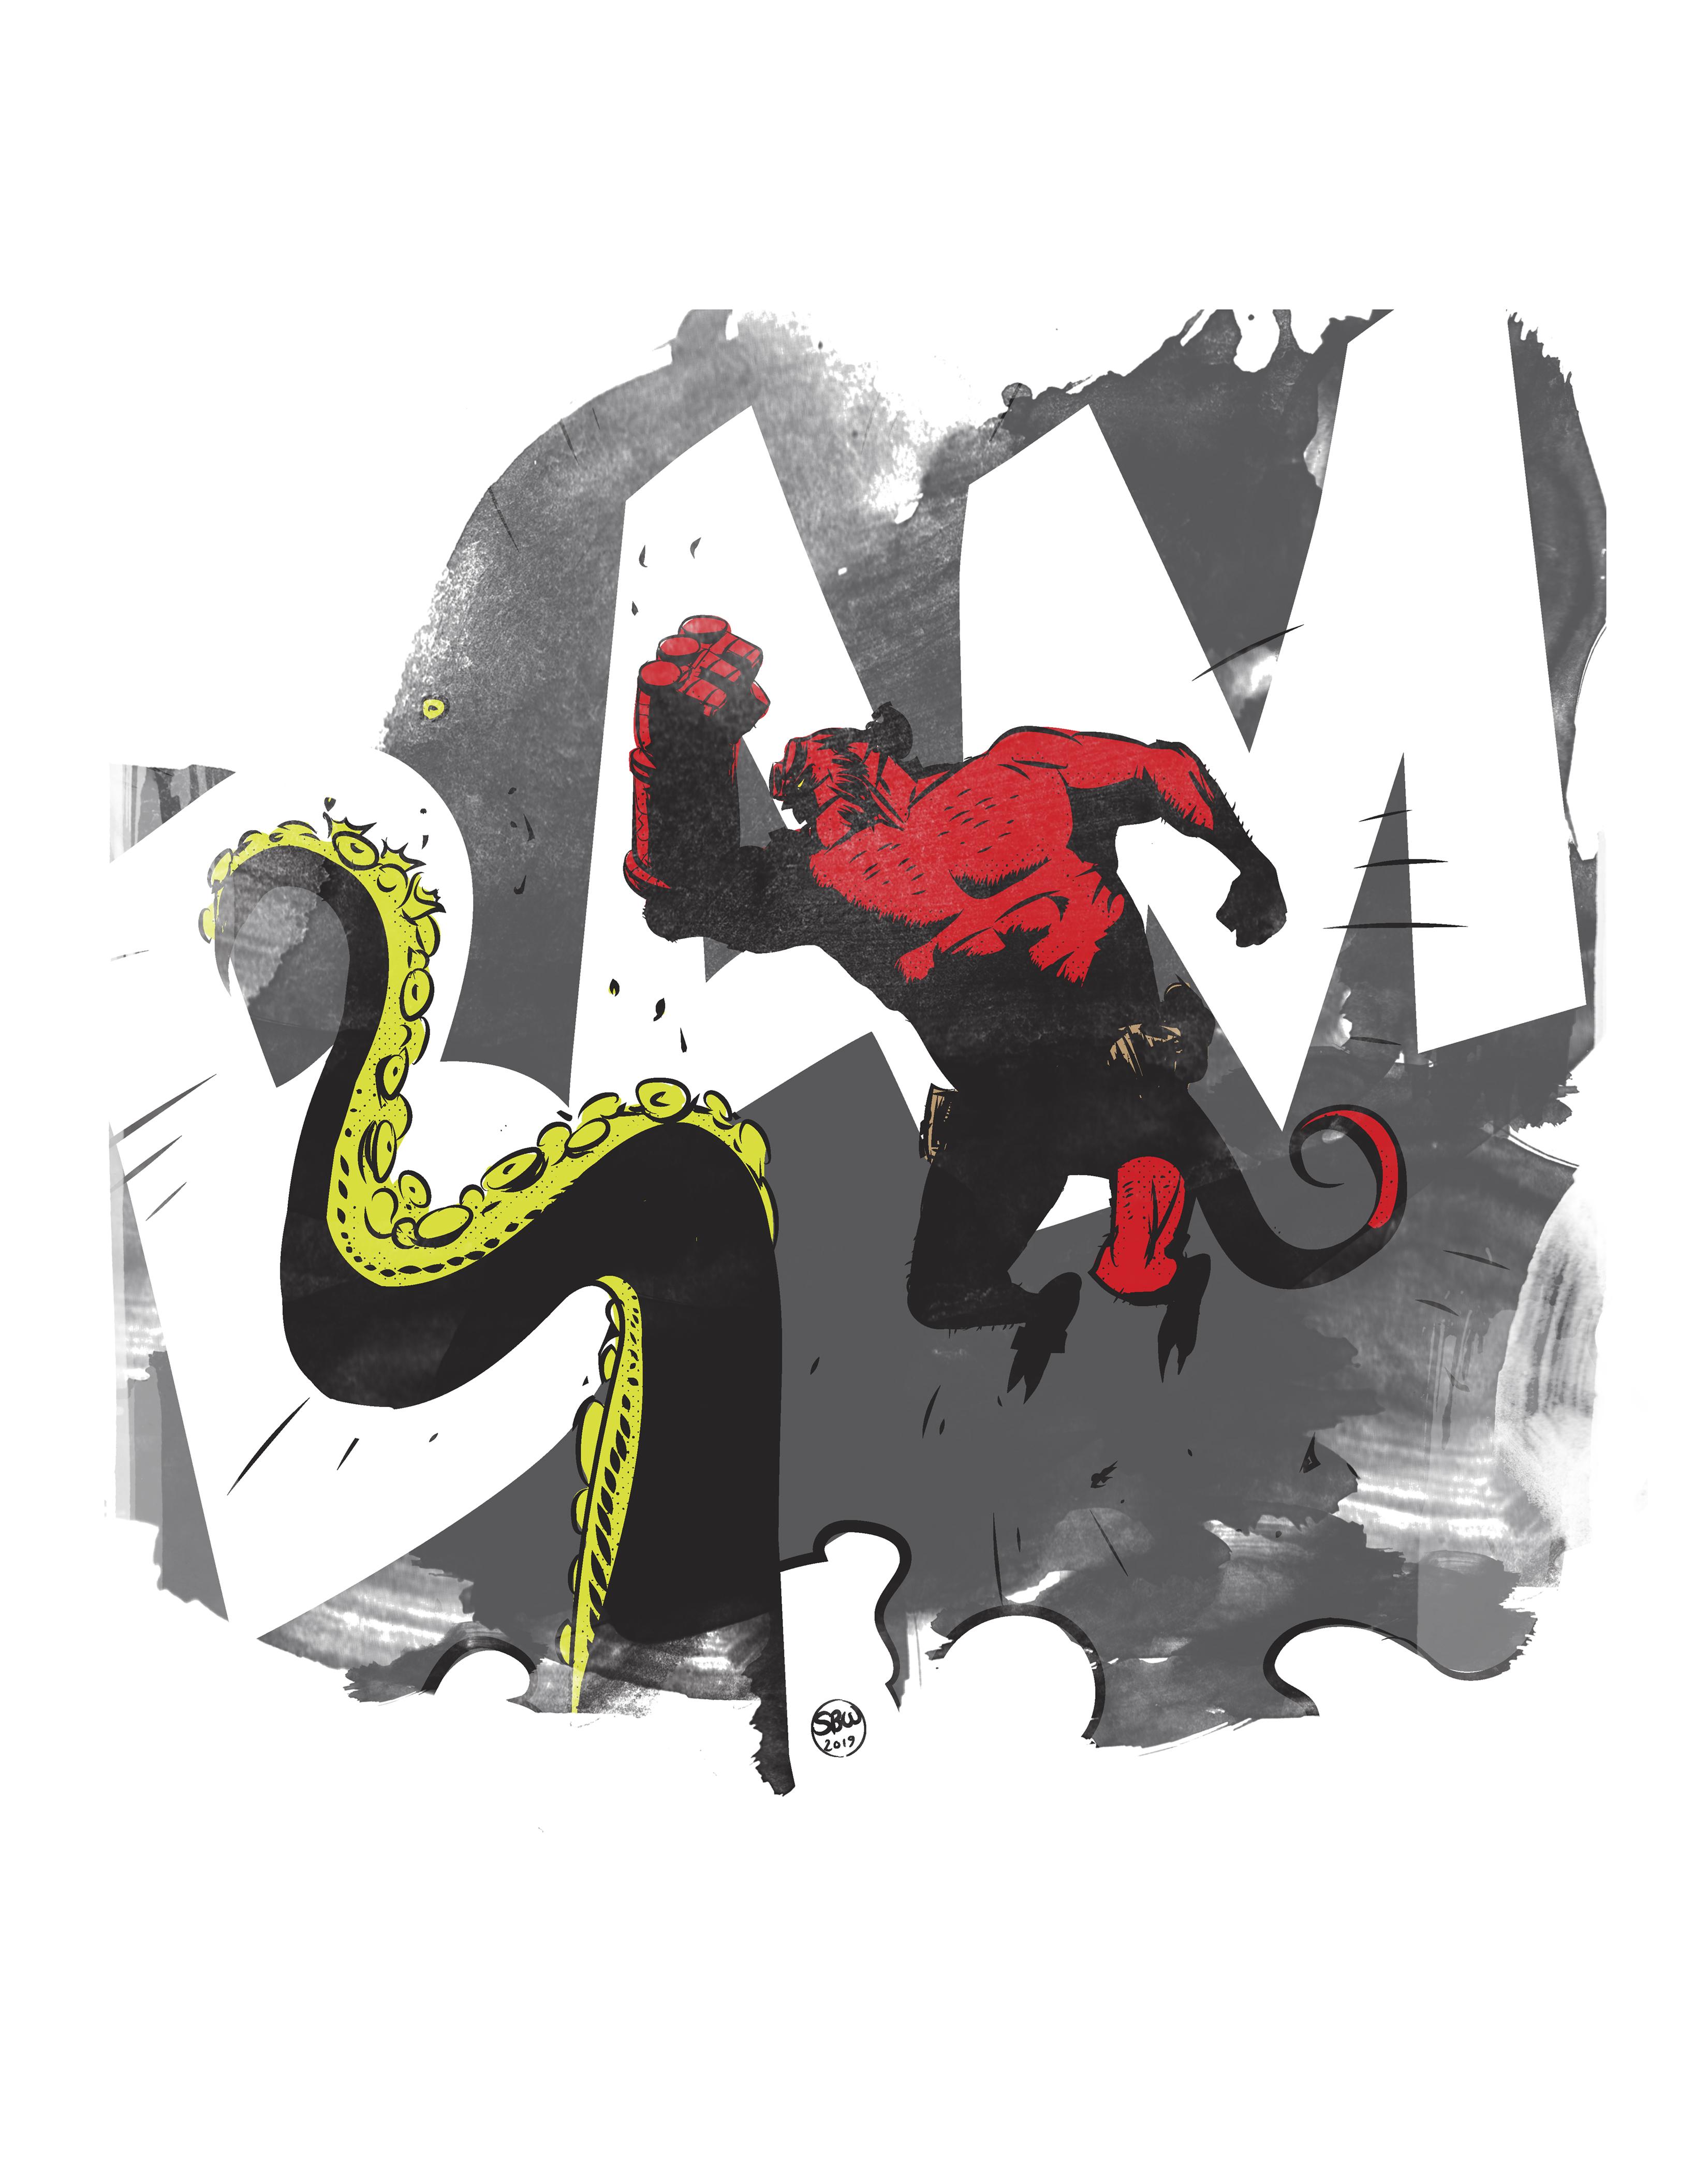 Hellboy_11x14_FA